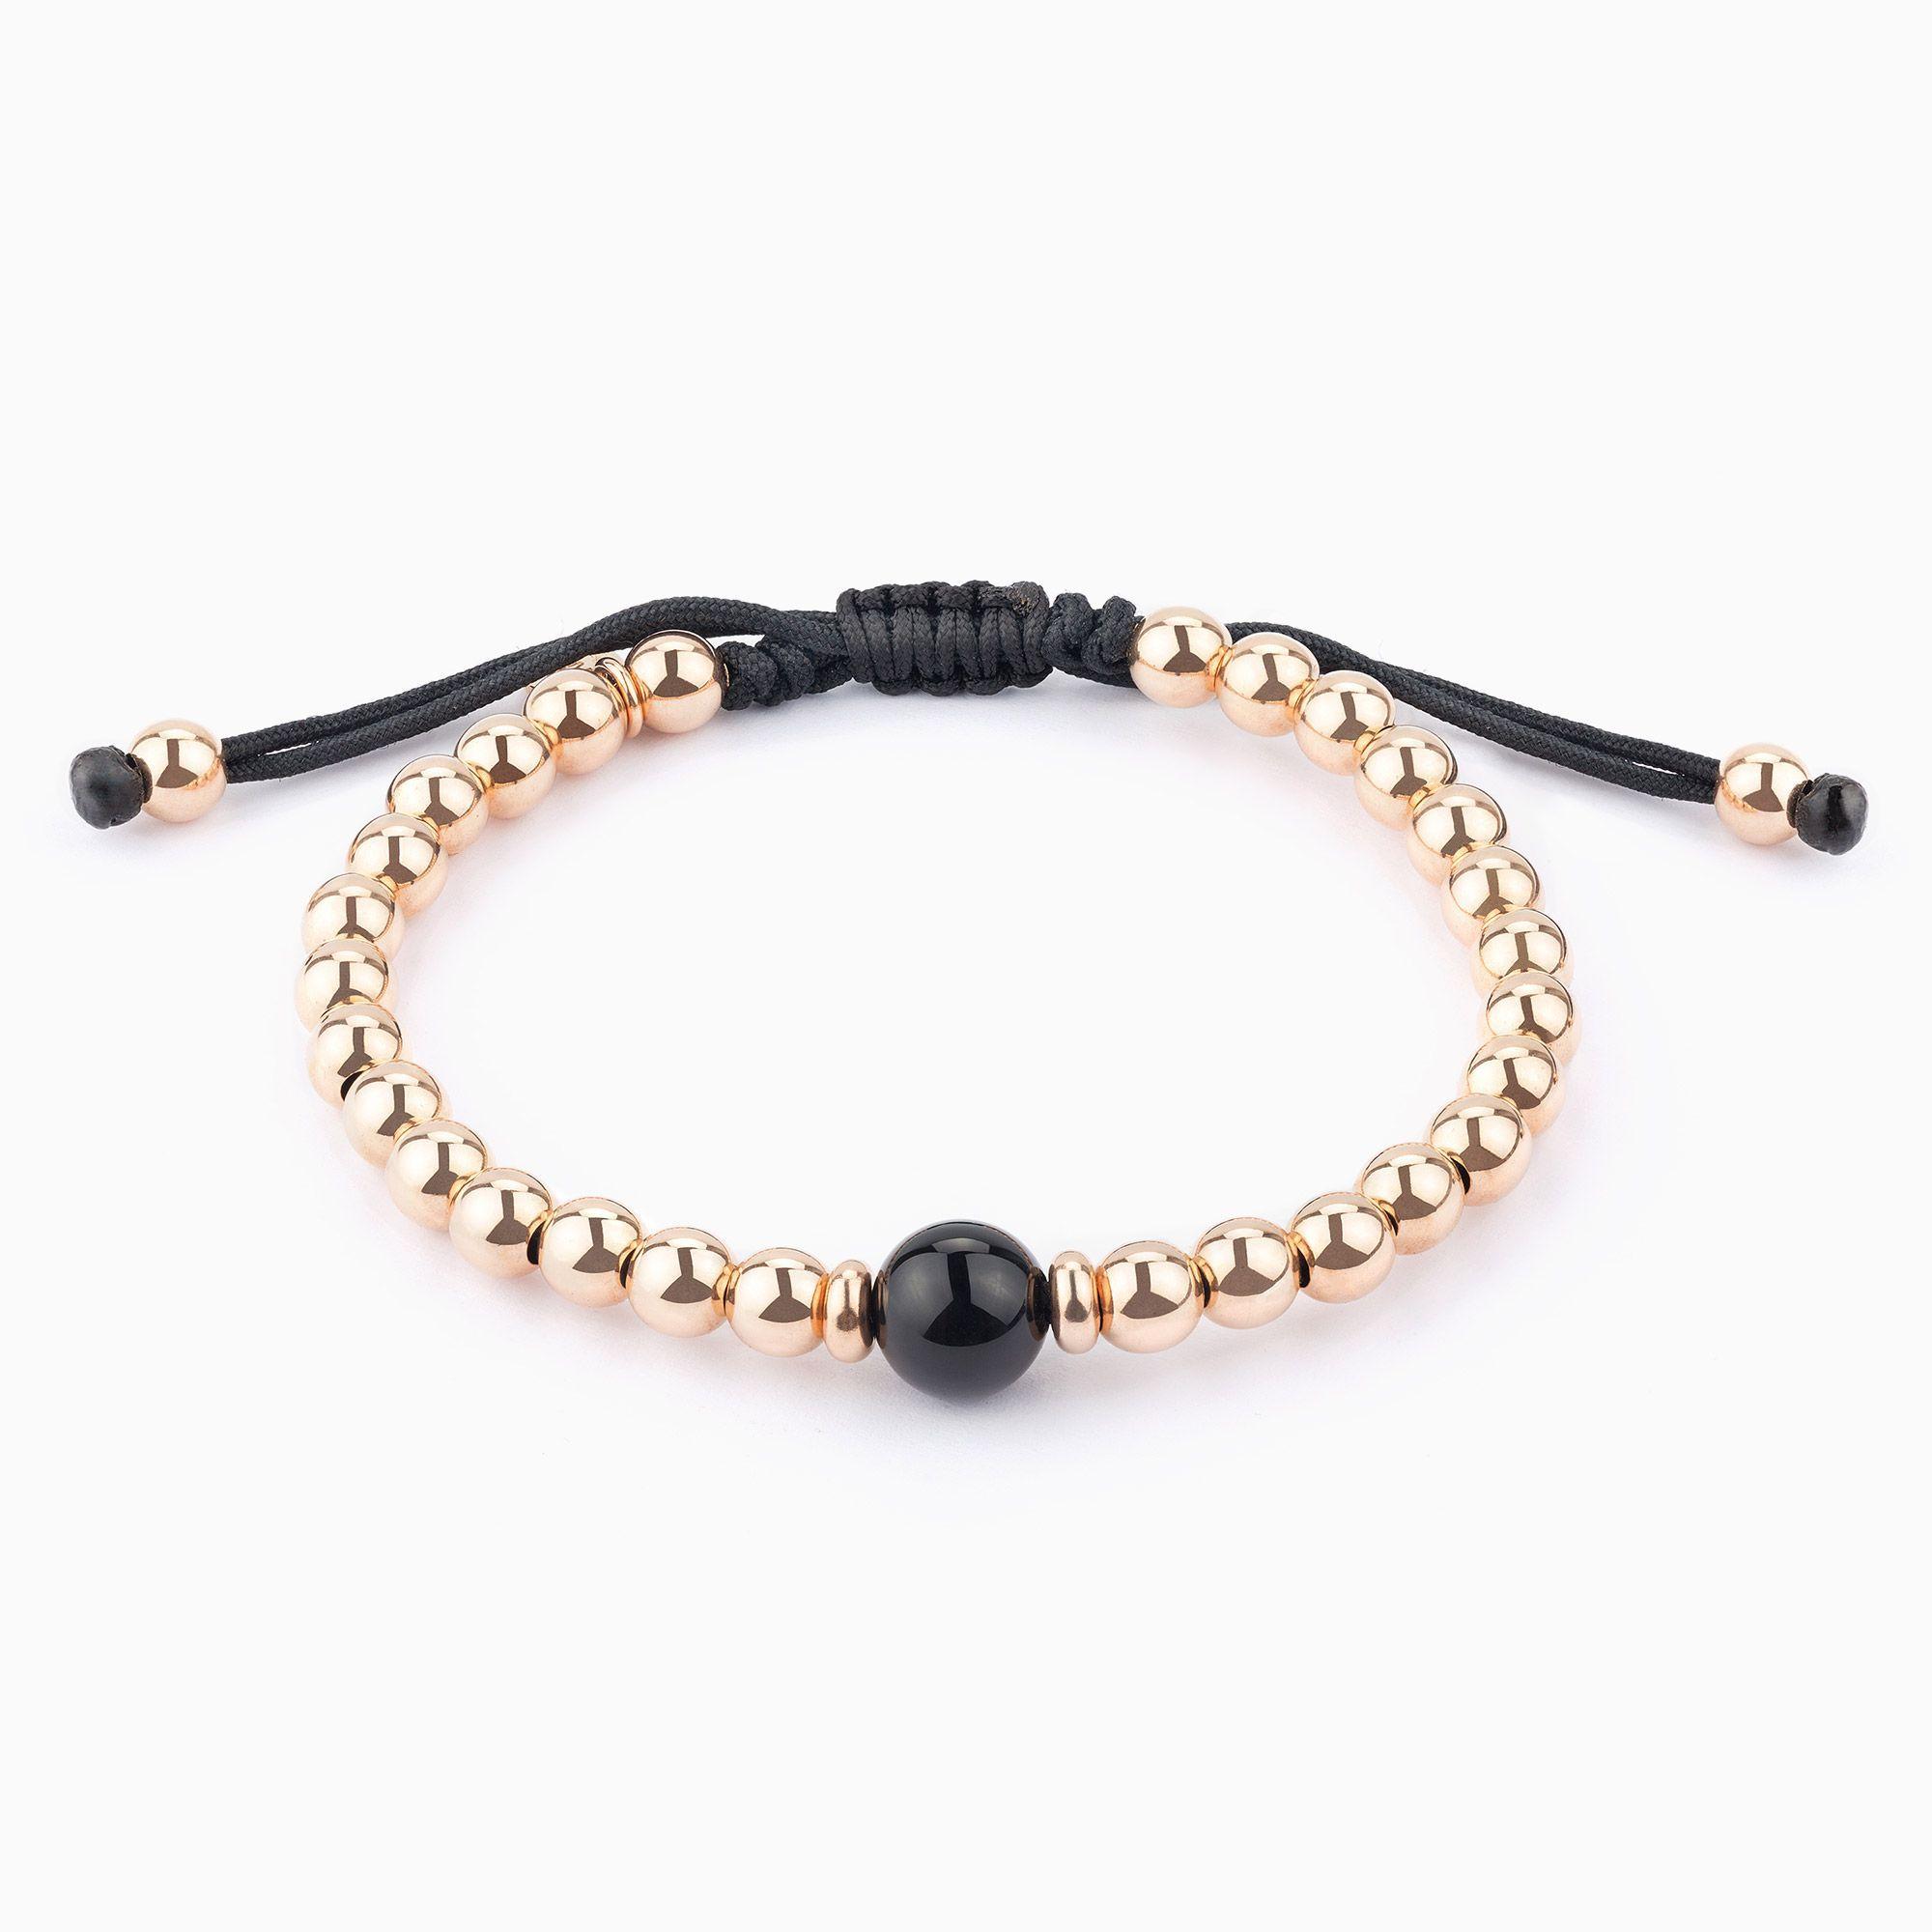 4b436424f02a Pulsera de hilo con perlas de oro y Onix - Joyas